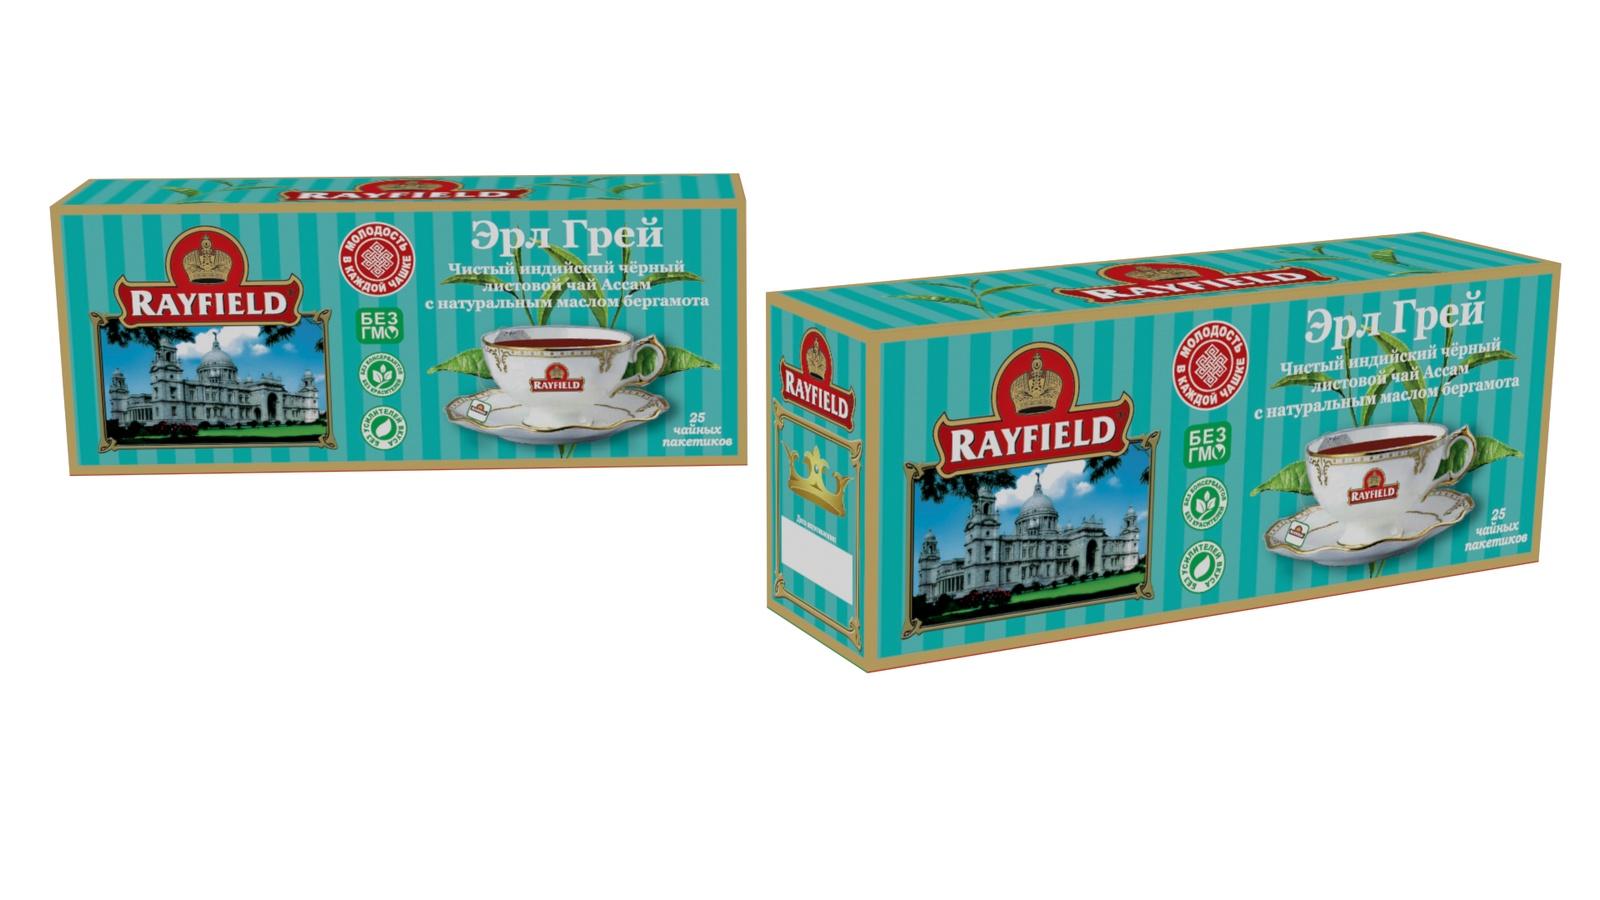 RAYFIELD Листовой Чай Ассам Эрл Грей Чистый Индийский с натуральным маслом бергамота 25 пакетиков 2 пачки в комплекте